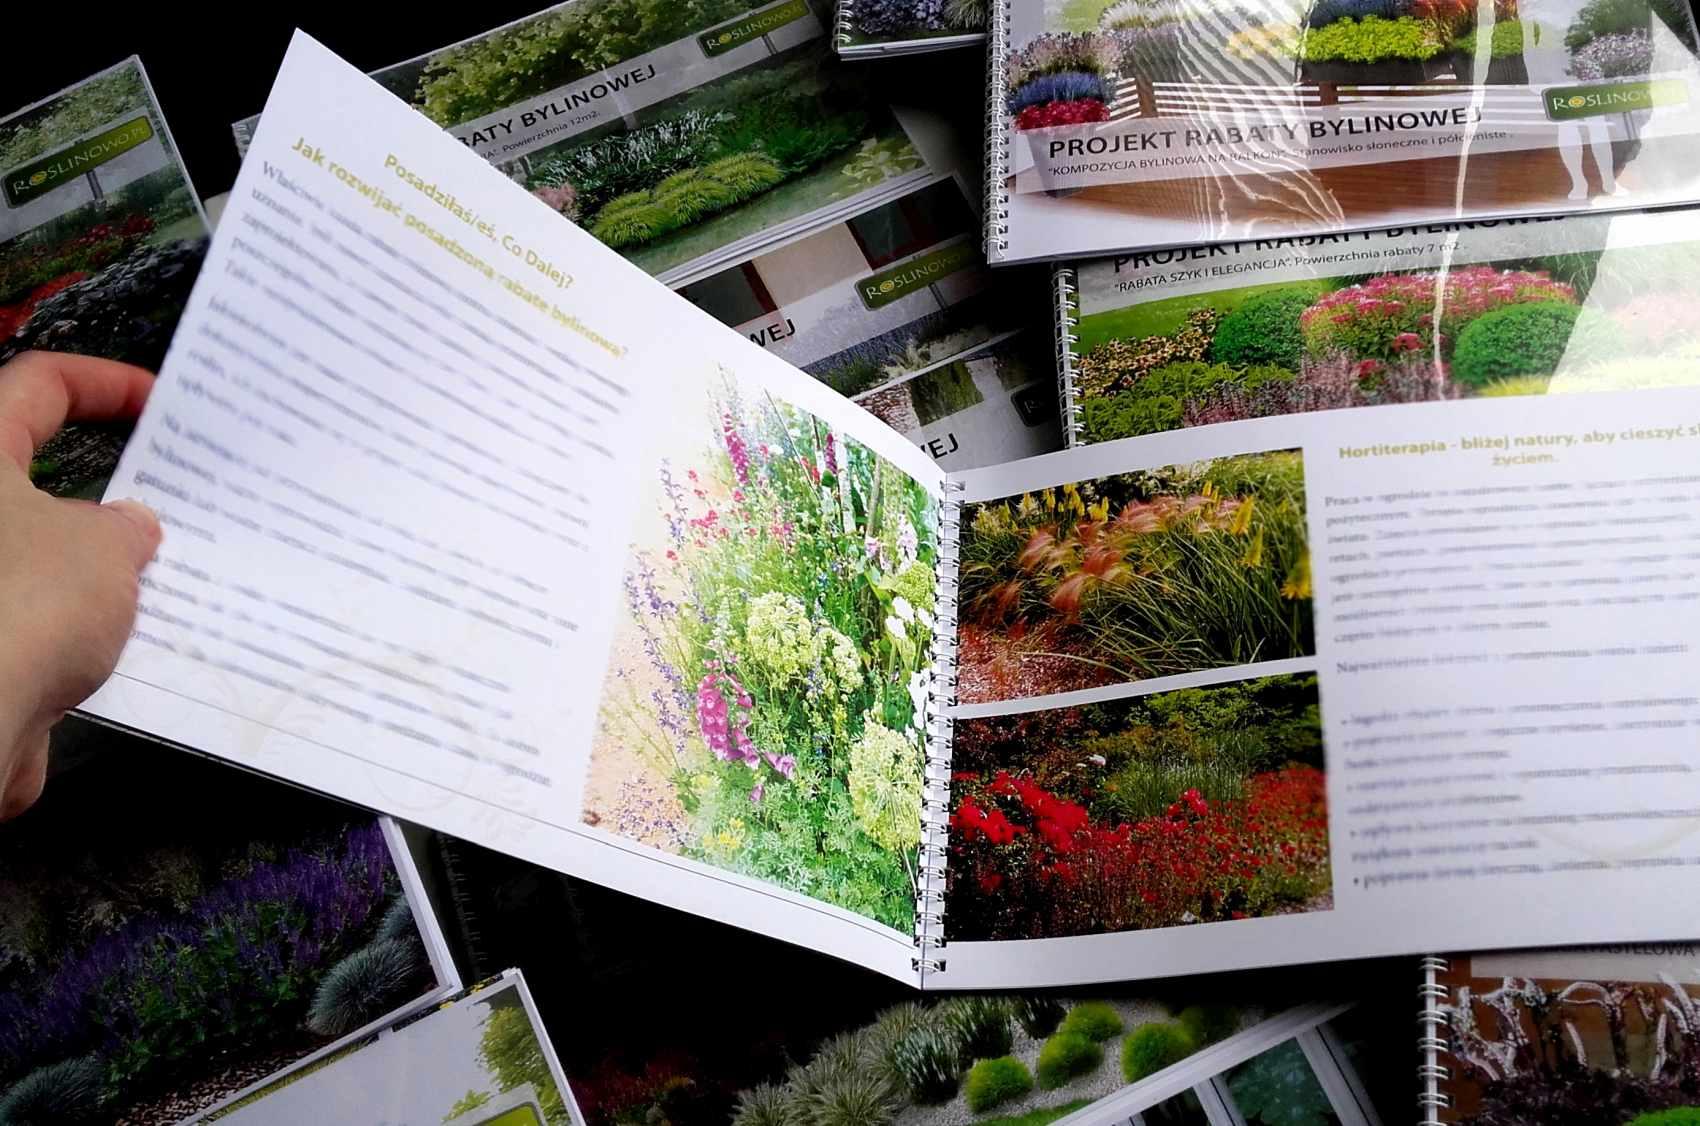 instrukcja roslinowo - jak rozwijać rabatę bylinową